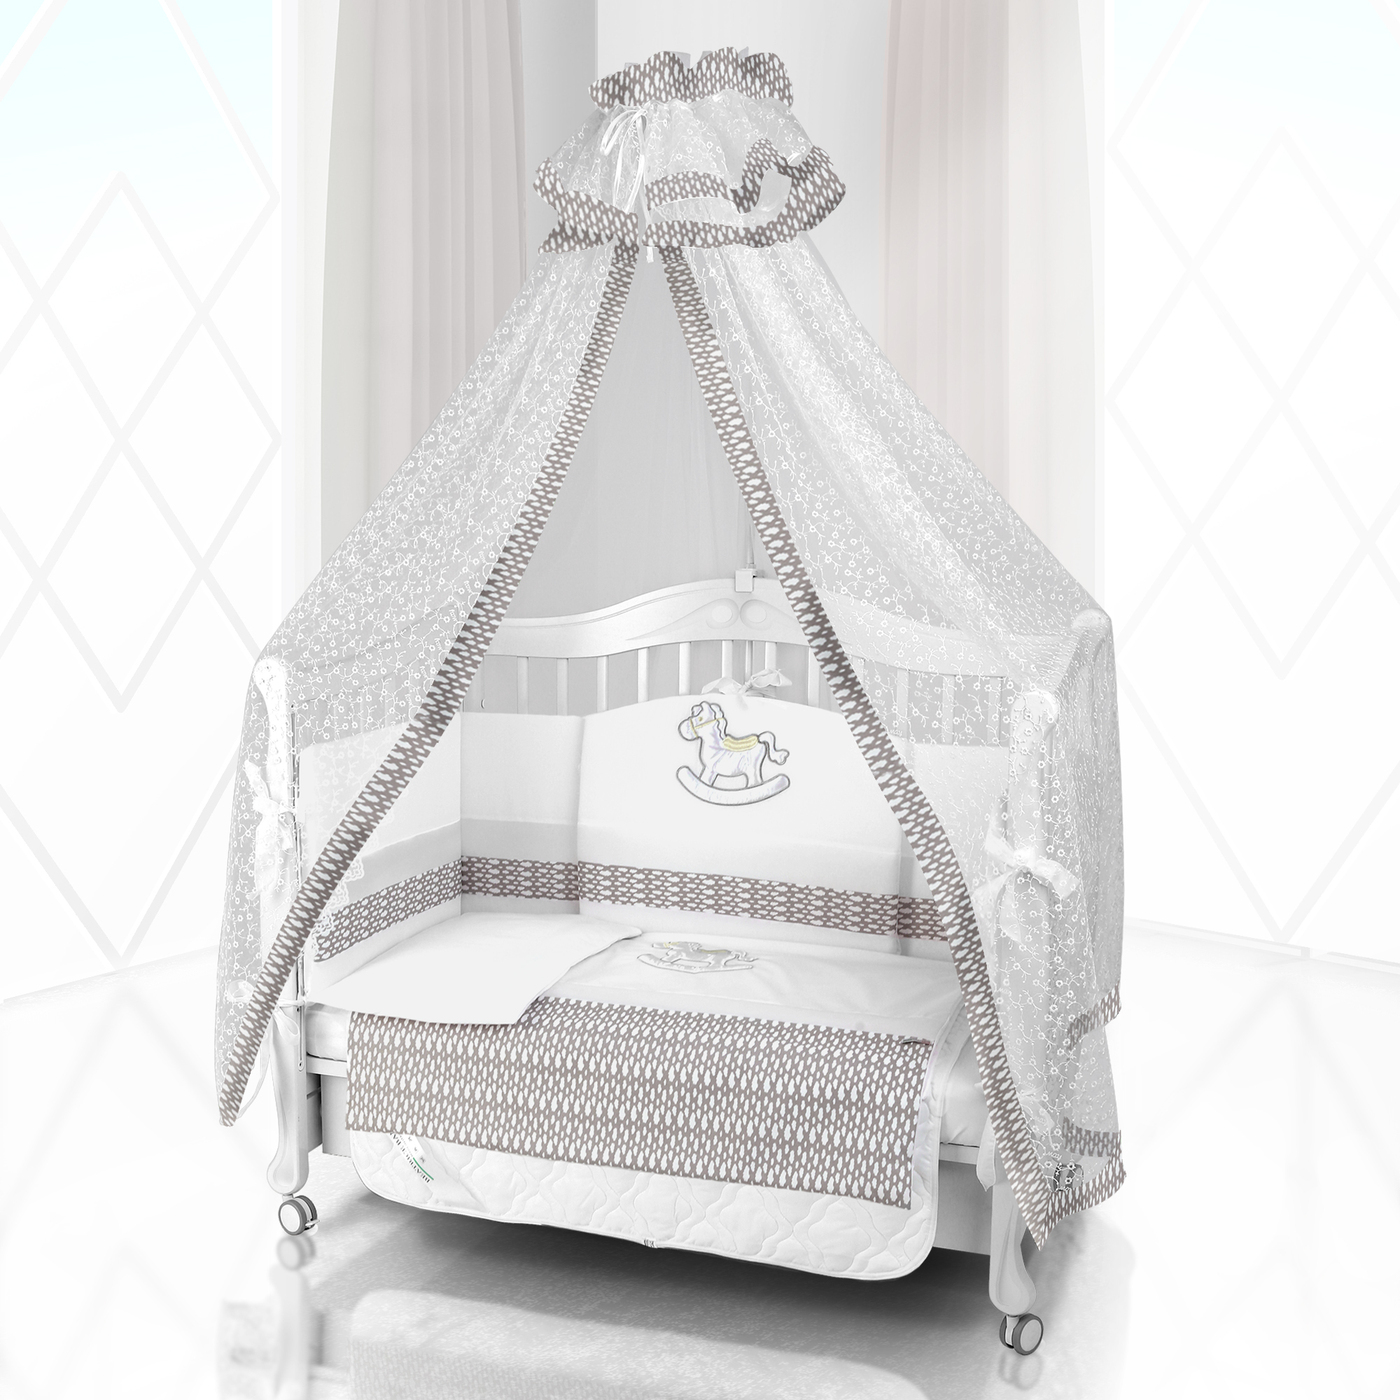 Комплект постельного белья Beatrice Bambini Unico IL Cavallo Nuvole (125х65) - bianco& grigio